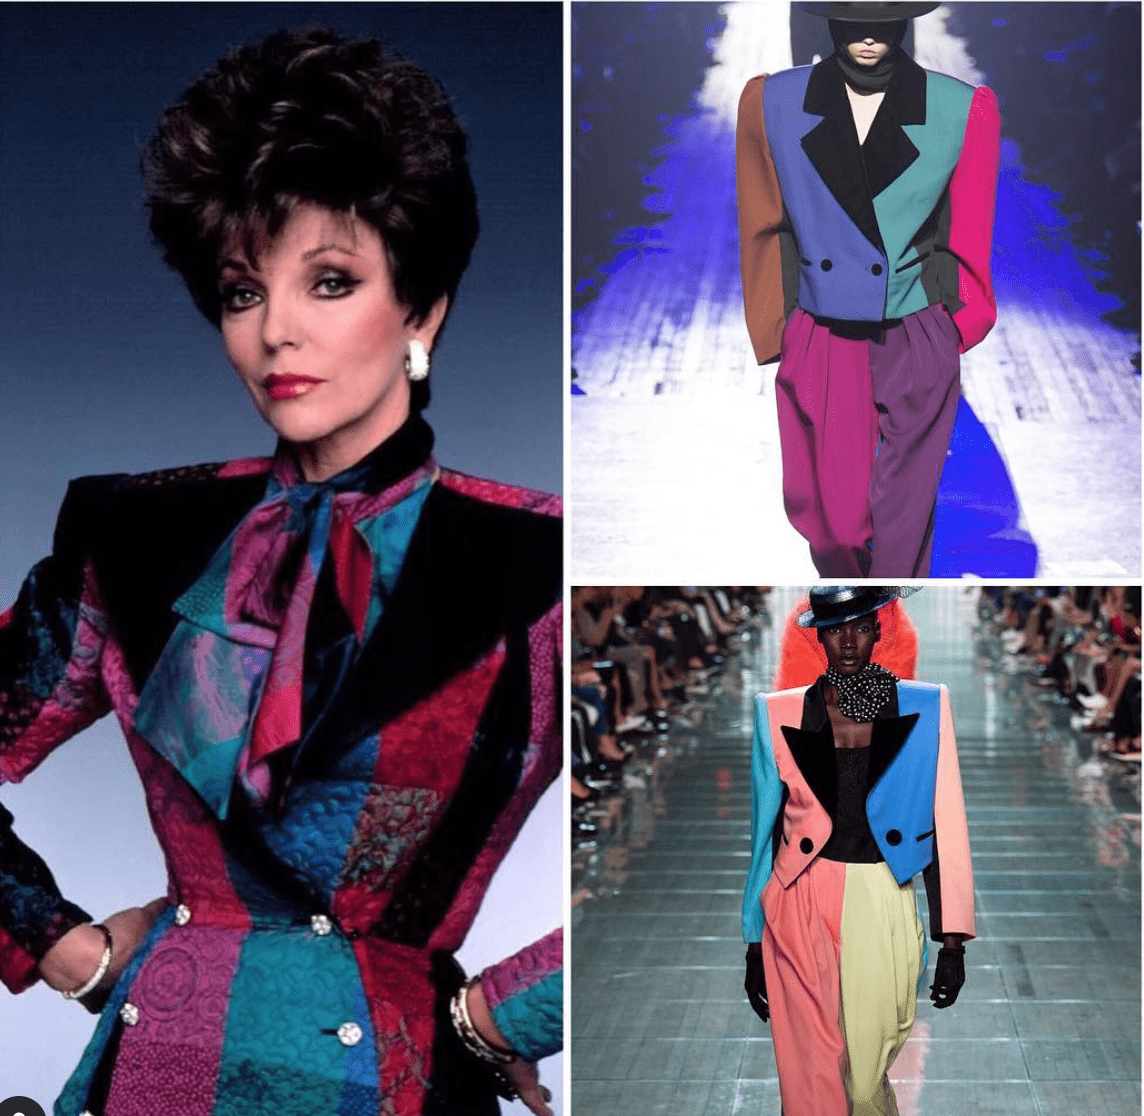 ispirazione vs copia _ Joan Collin '80 Marc Jacobs fall 2018 spring 2019